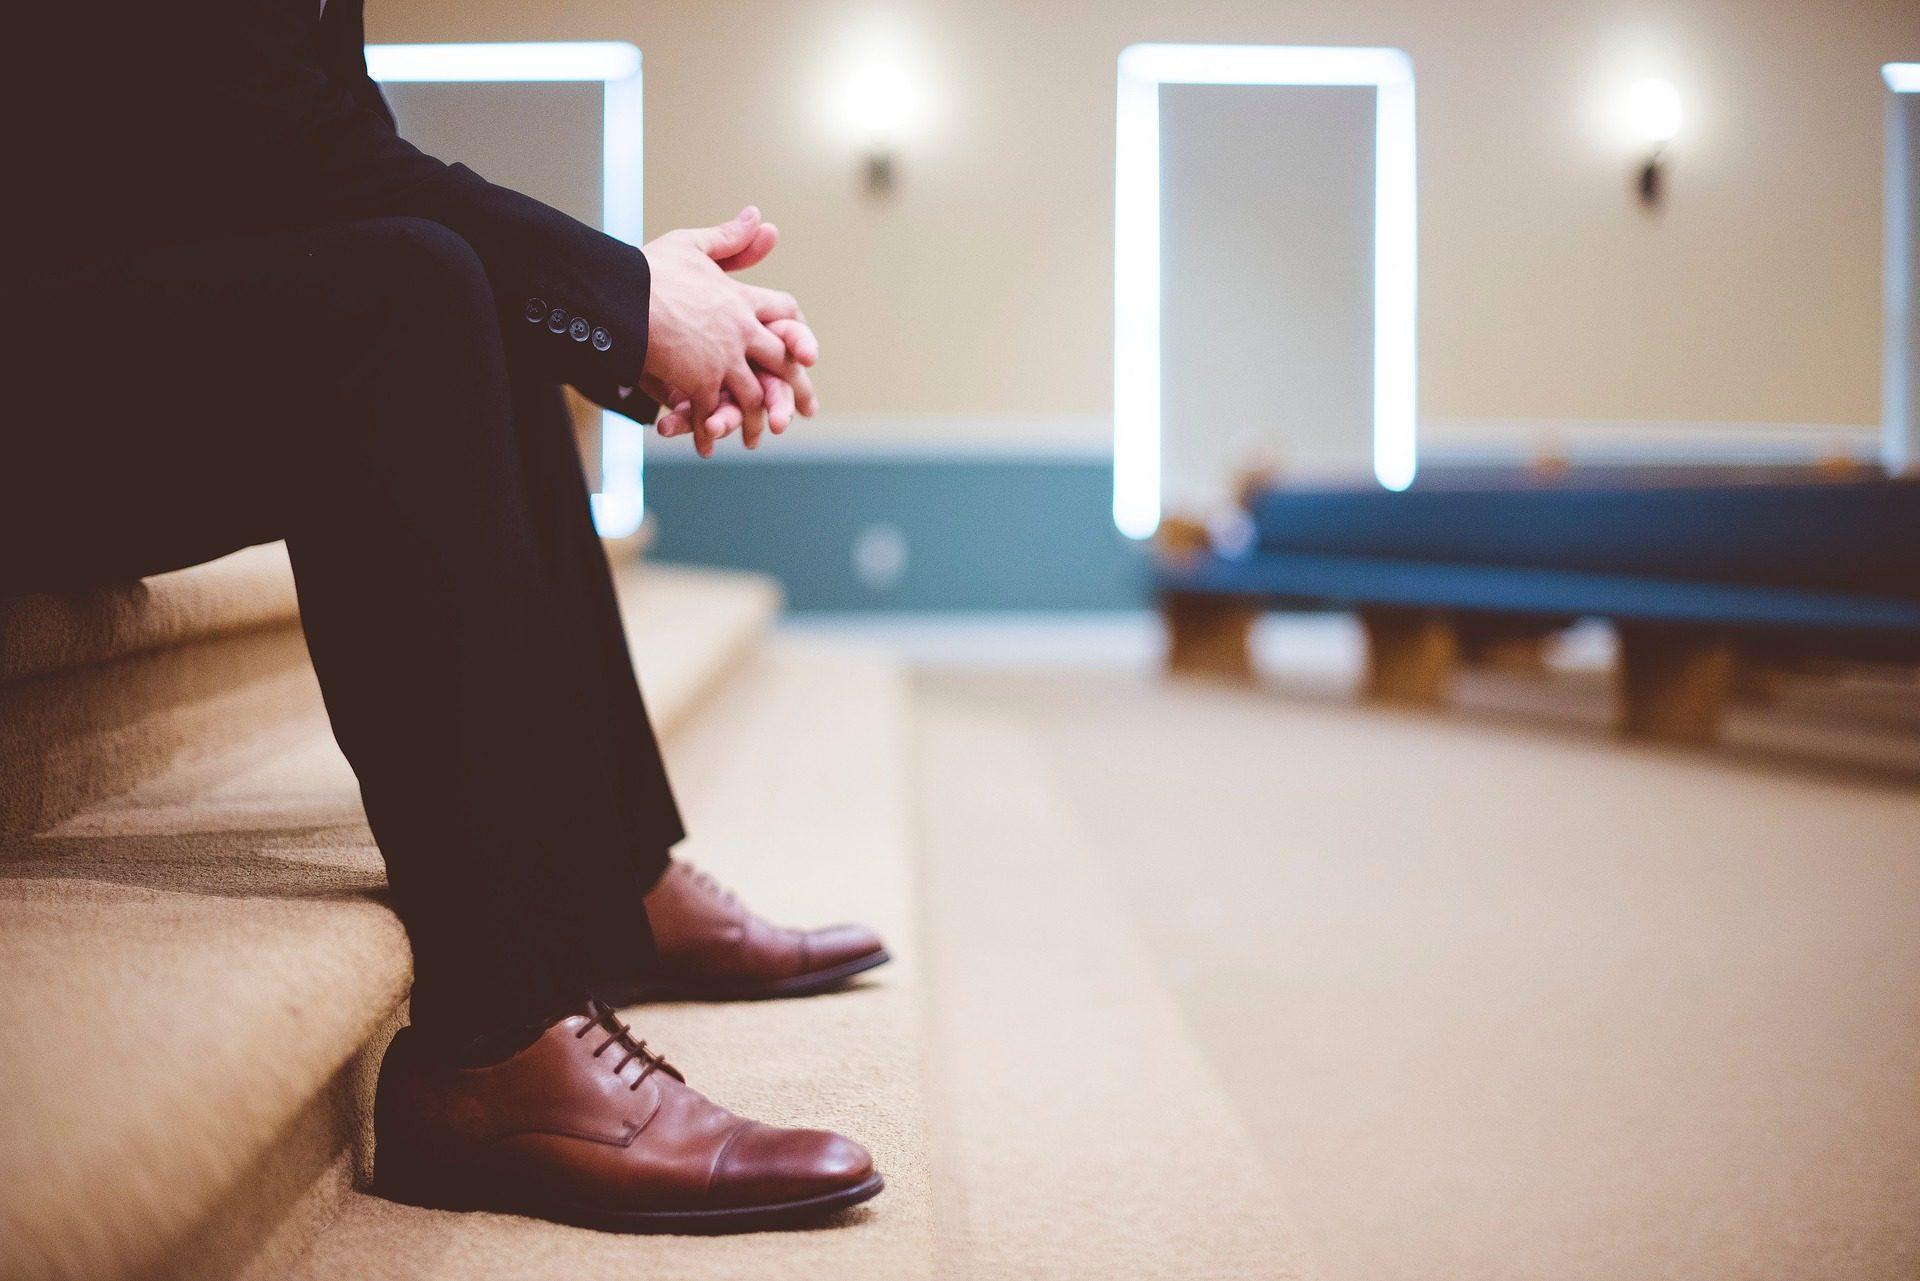 رجل, حلي, أحذية, درج معالجته, انتظر, الصبر, أيدي - خلفيات عالية الدقة - أستاذ falken.com